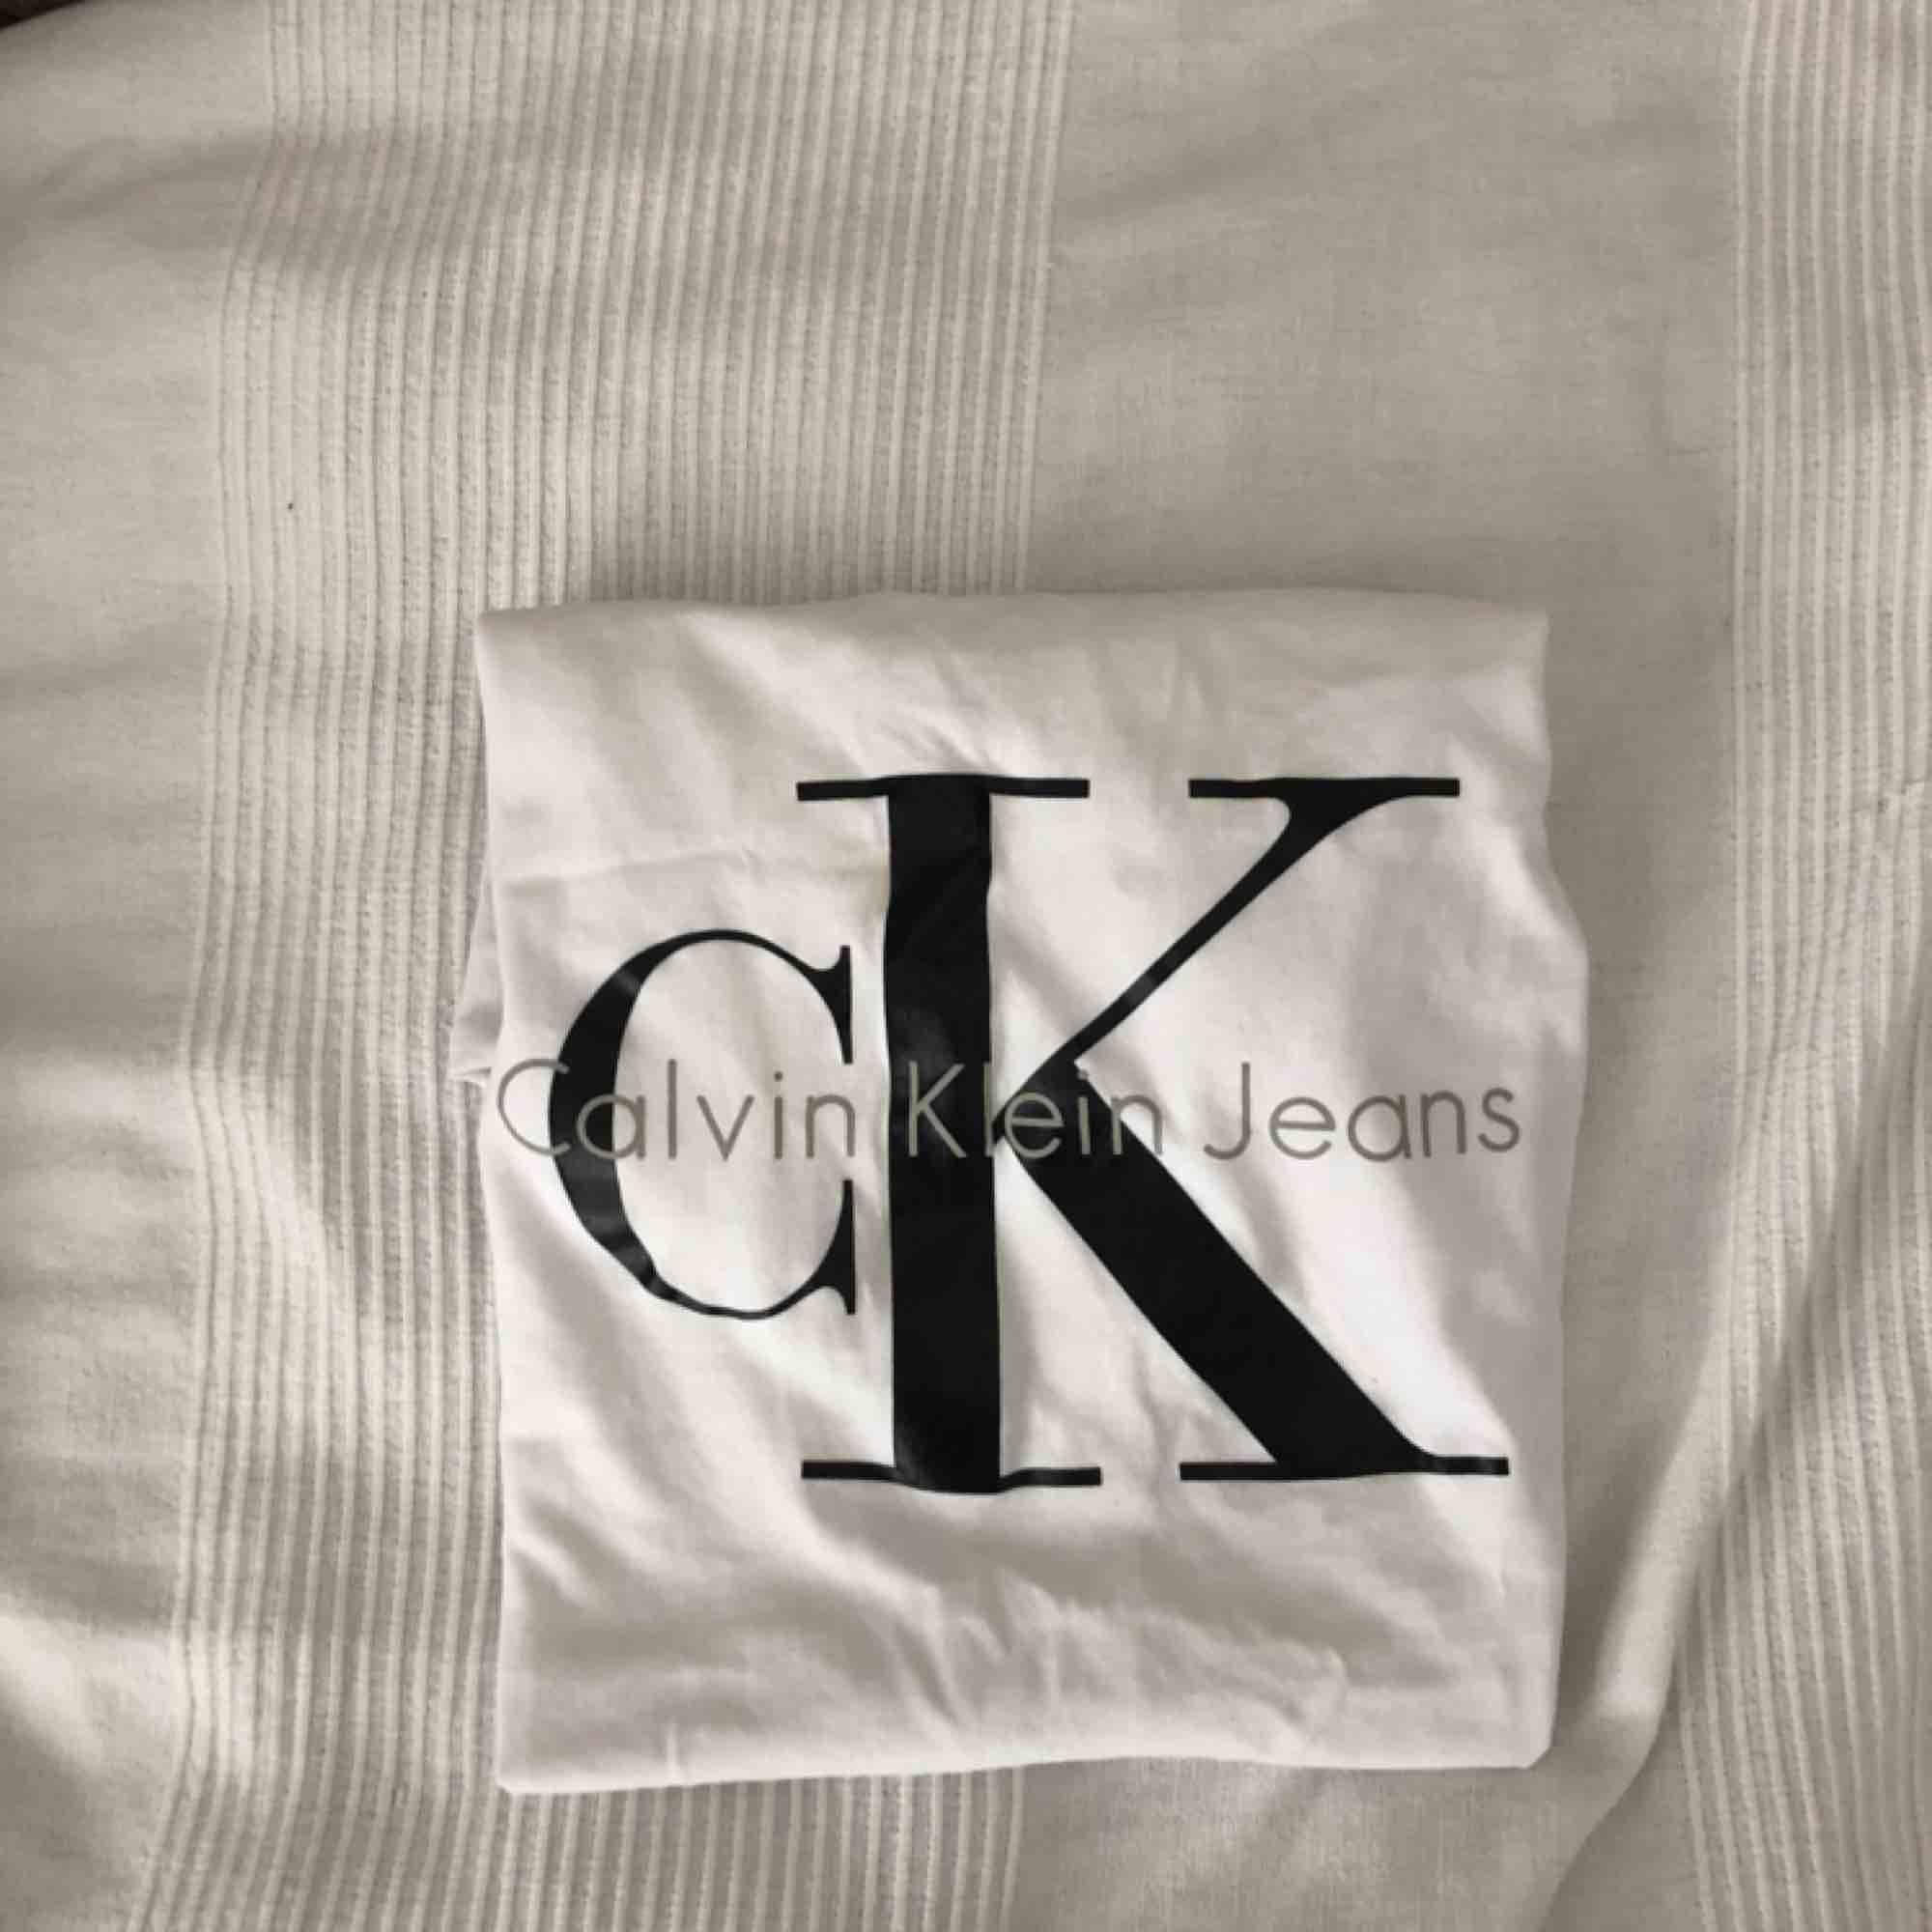 Vit Ck T-shirt med svart tryck, använd ett par gånger men fortfarande i bra skick, (den är äkta). T-shirts.